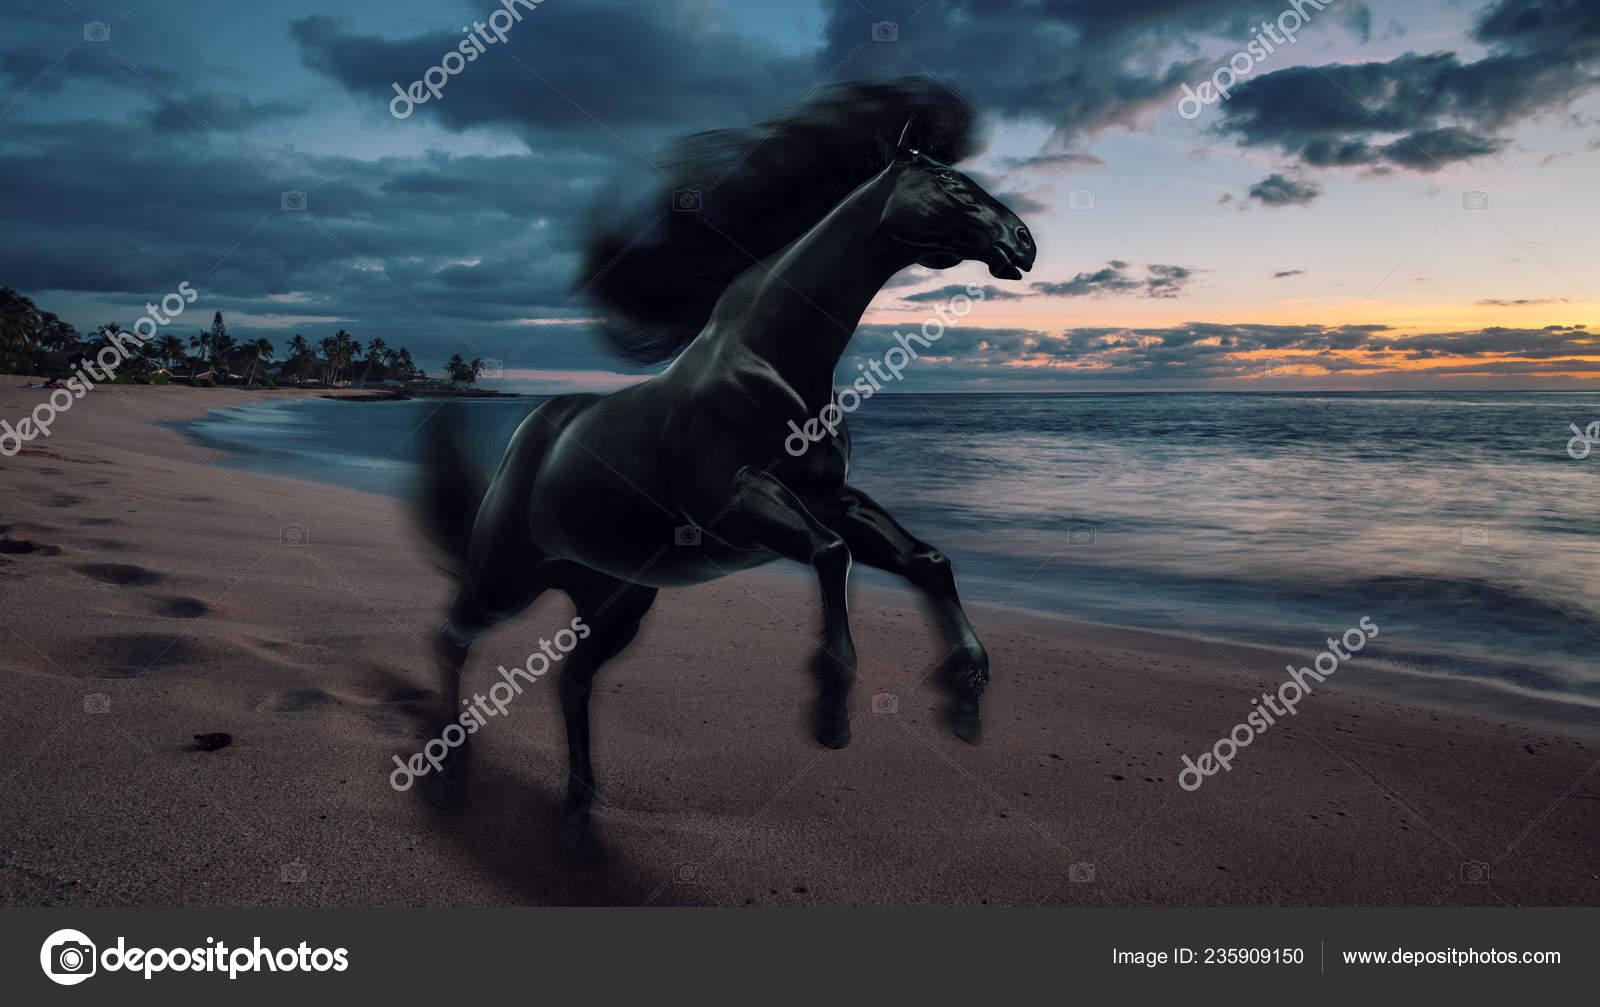 Black Running Horse Sunset Beach Stock Photo C Vitaliy Sokol 235909150